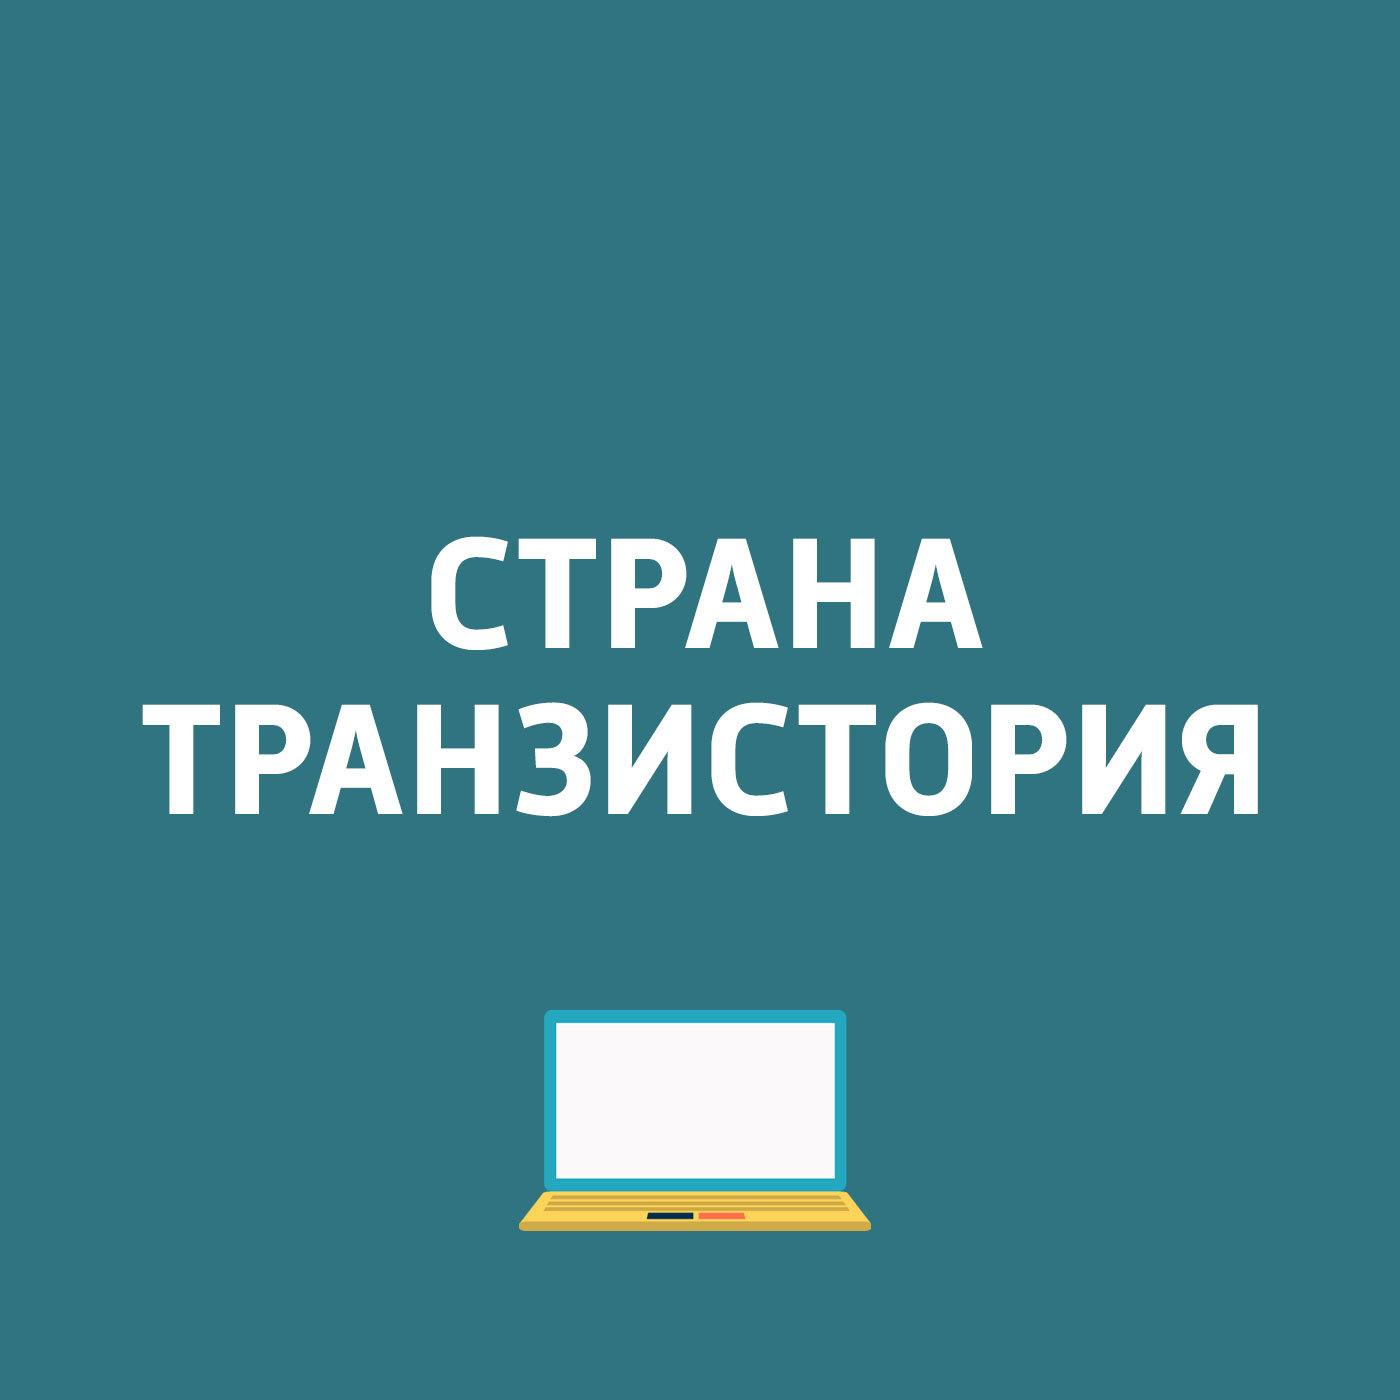 Картаев Павел В Оружейной палате Московского Кремля появился виртуальный гид картаев павел о выставке игромир 2016